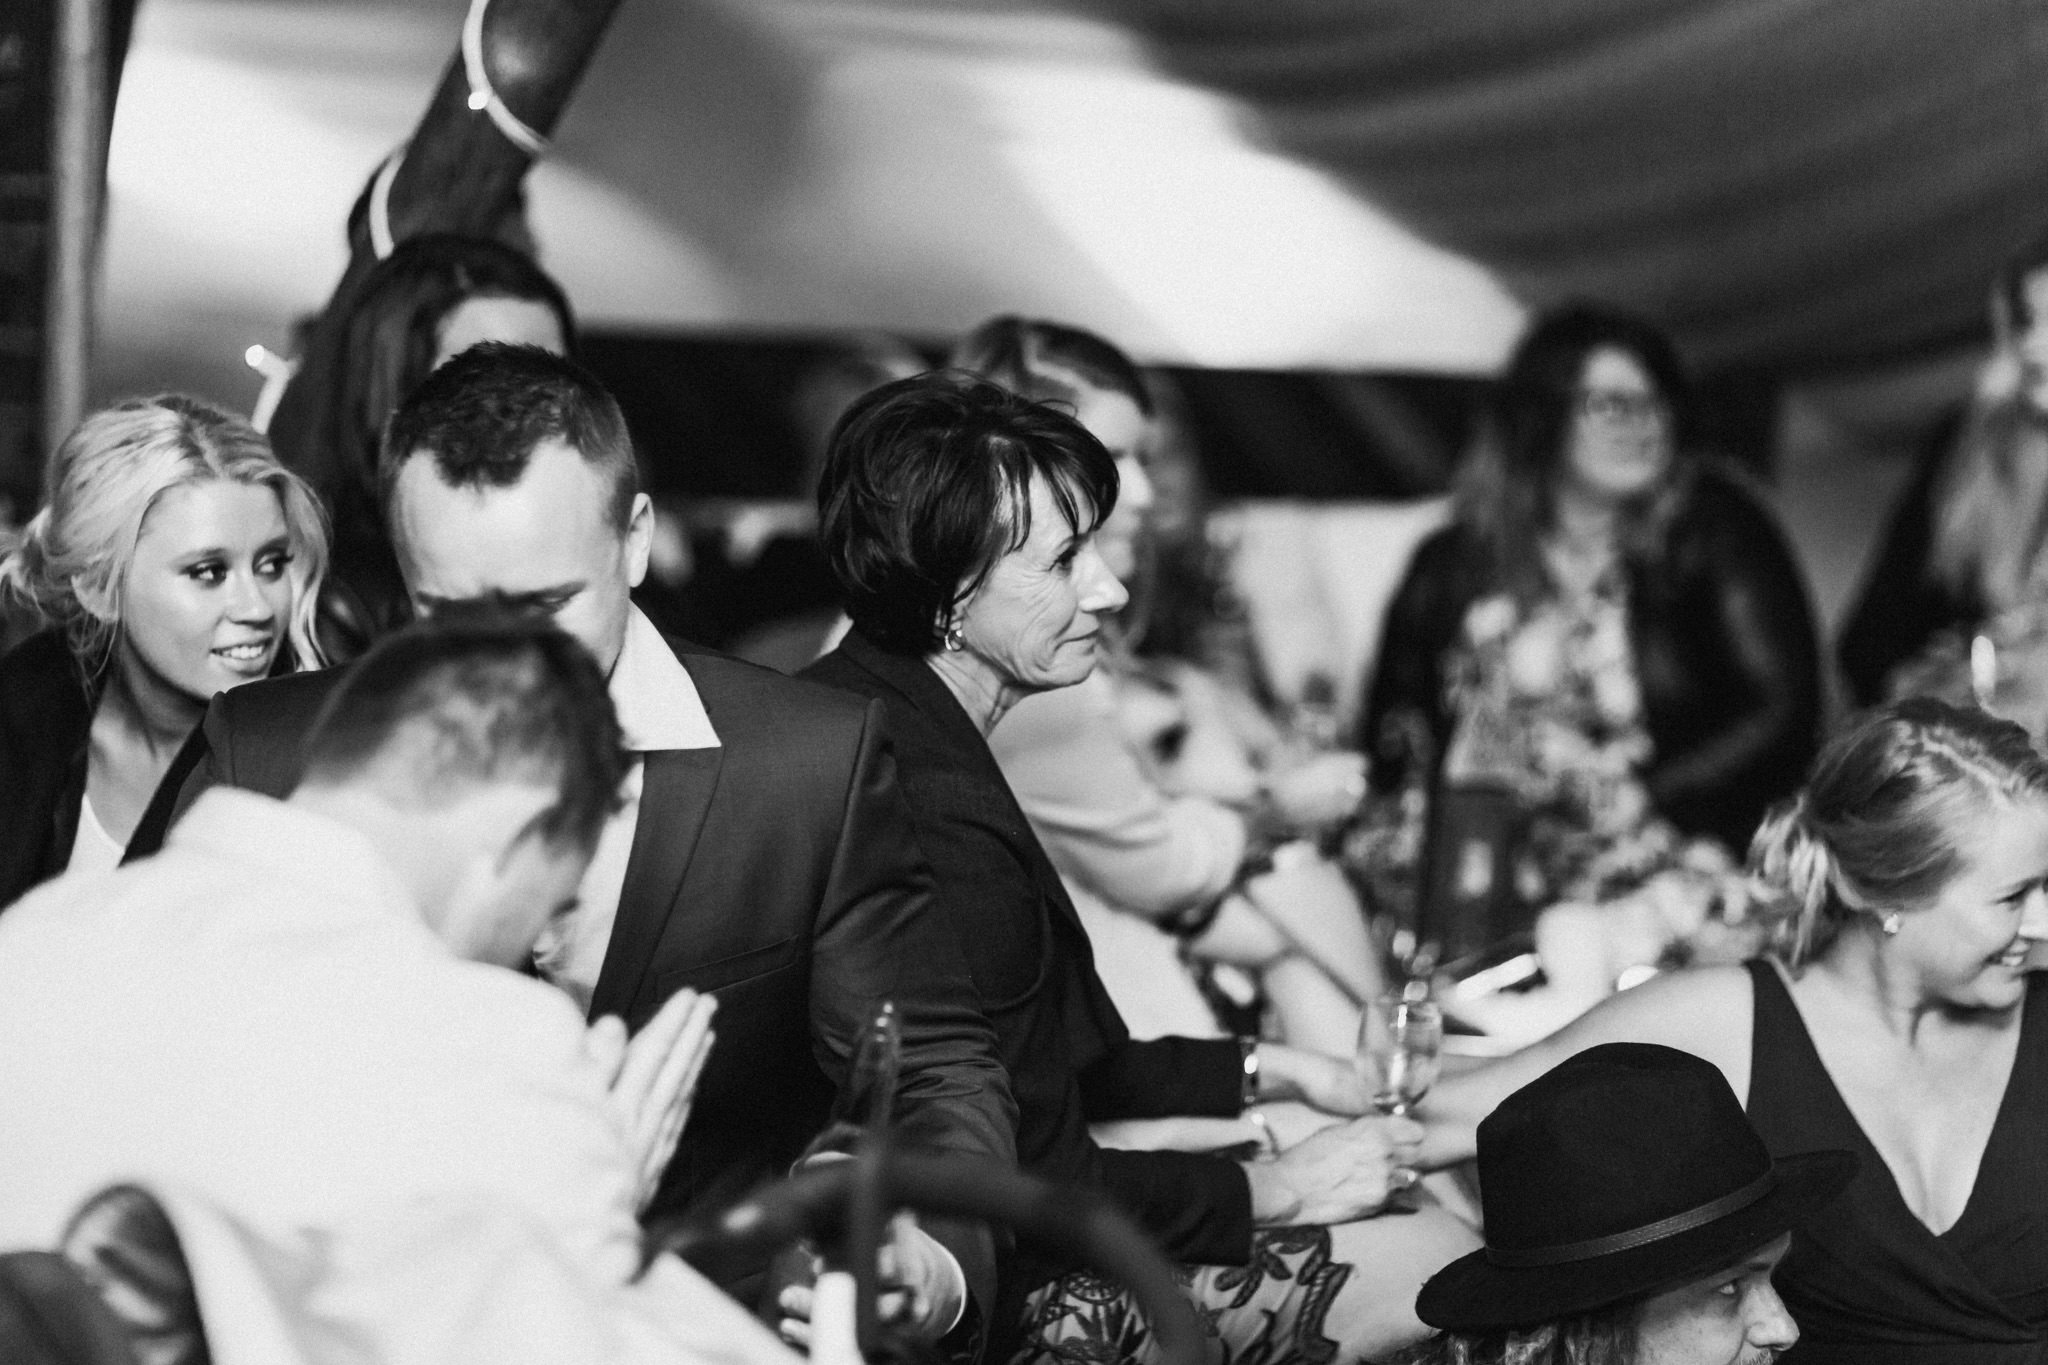 WeddingPhotos_Facebook_2048pixels-1844.jpg